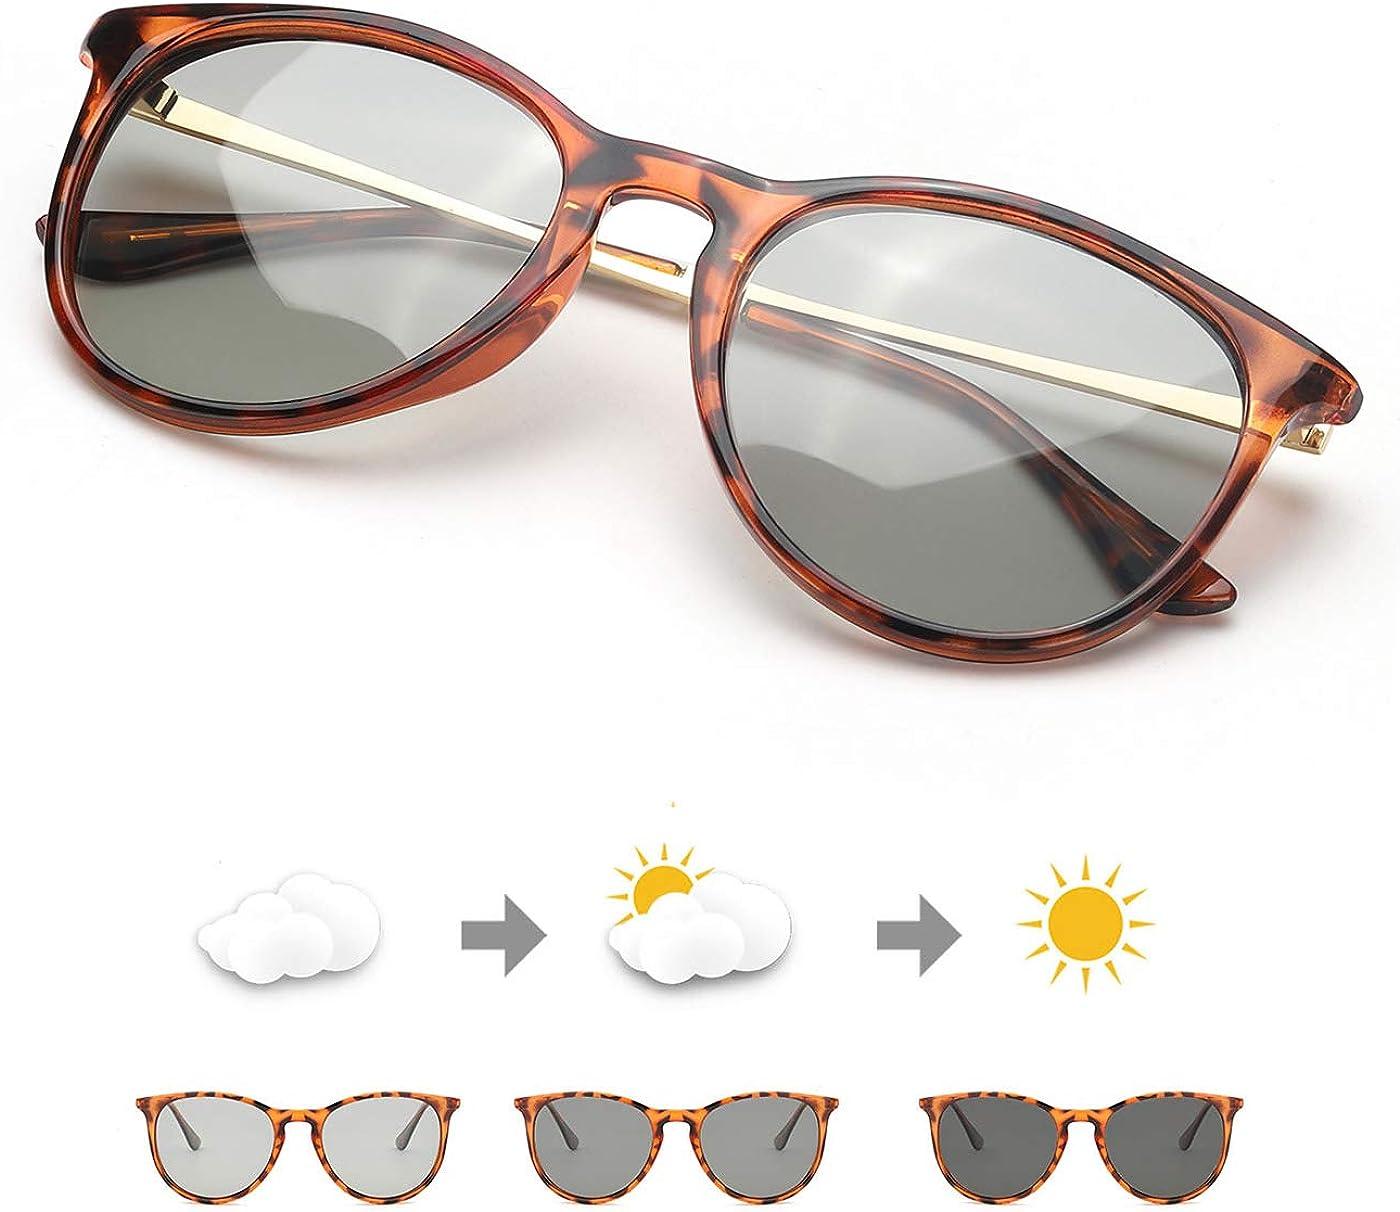 Jbwlkj Gafas De Sol Polarizadas Gradiente Lente De Cristal Hombres Mujeres Espejo Piloto Gafas Uv400 Outdoorsman Craft